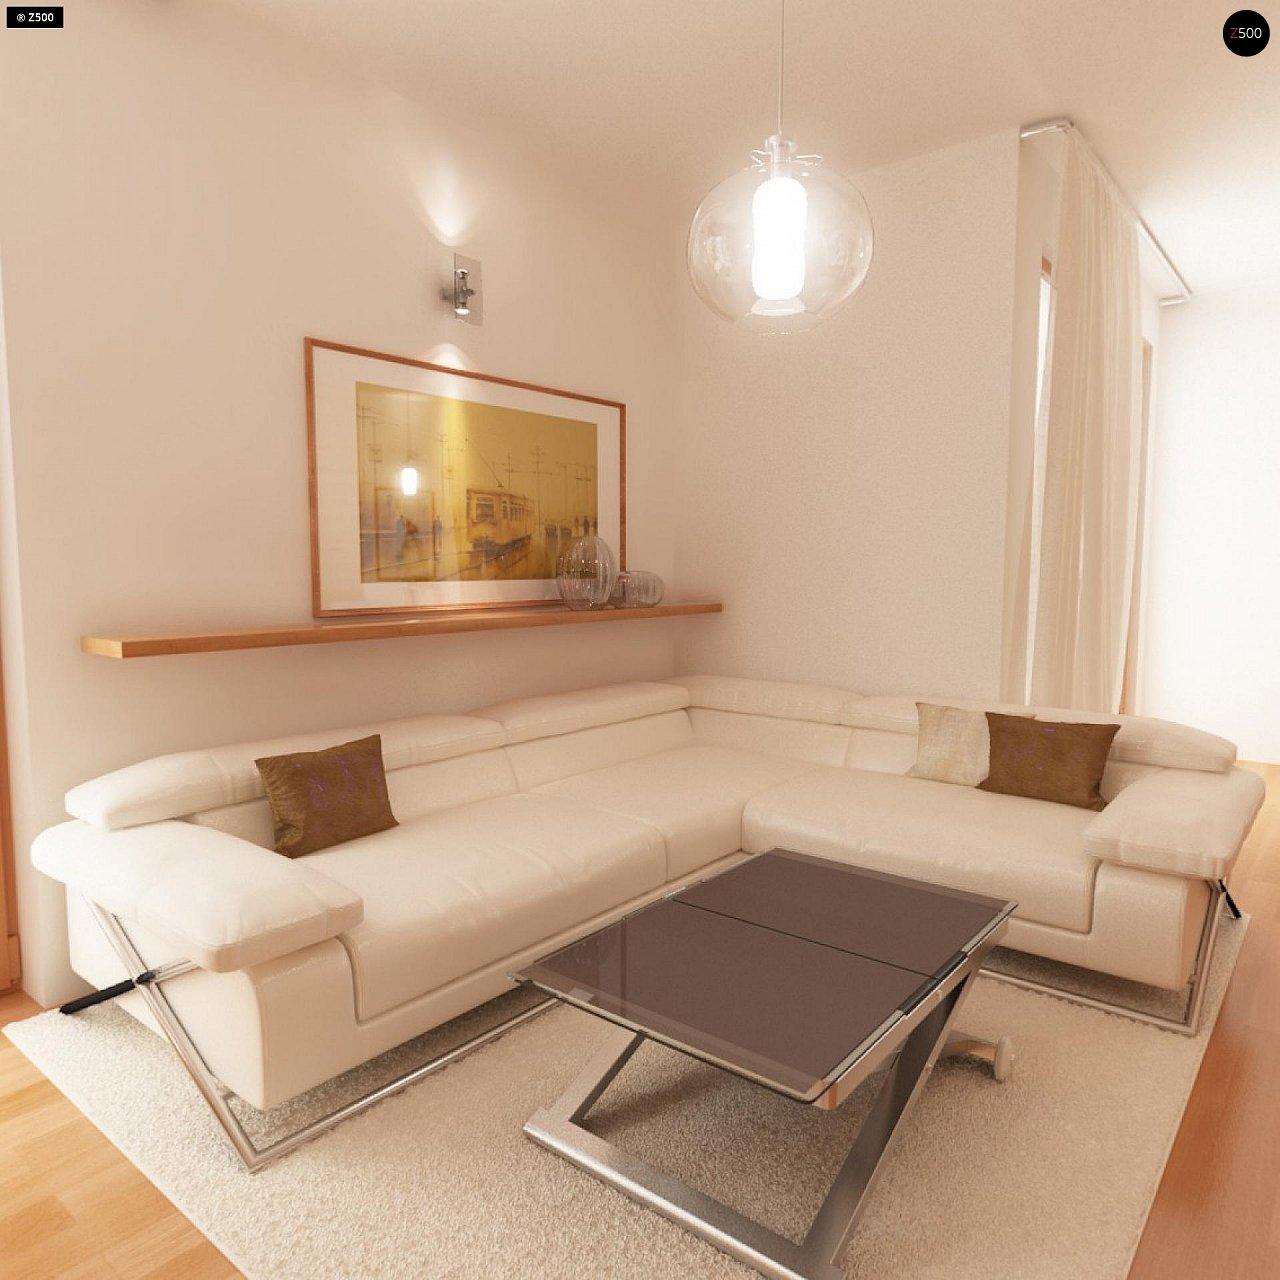 Проект стильного, функционального и недорогого двухсемейного дома. 8